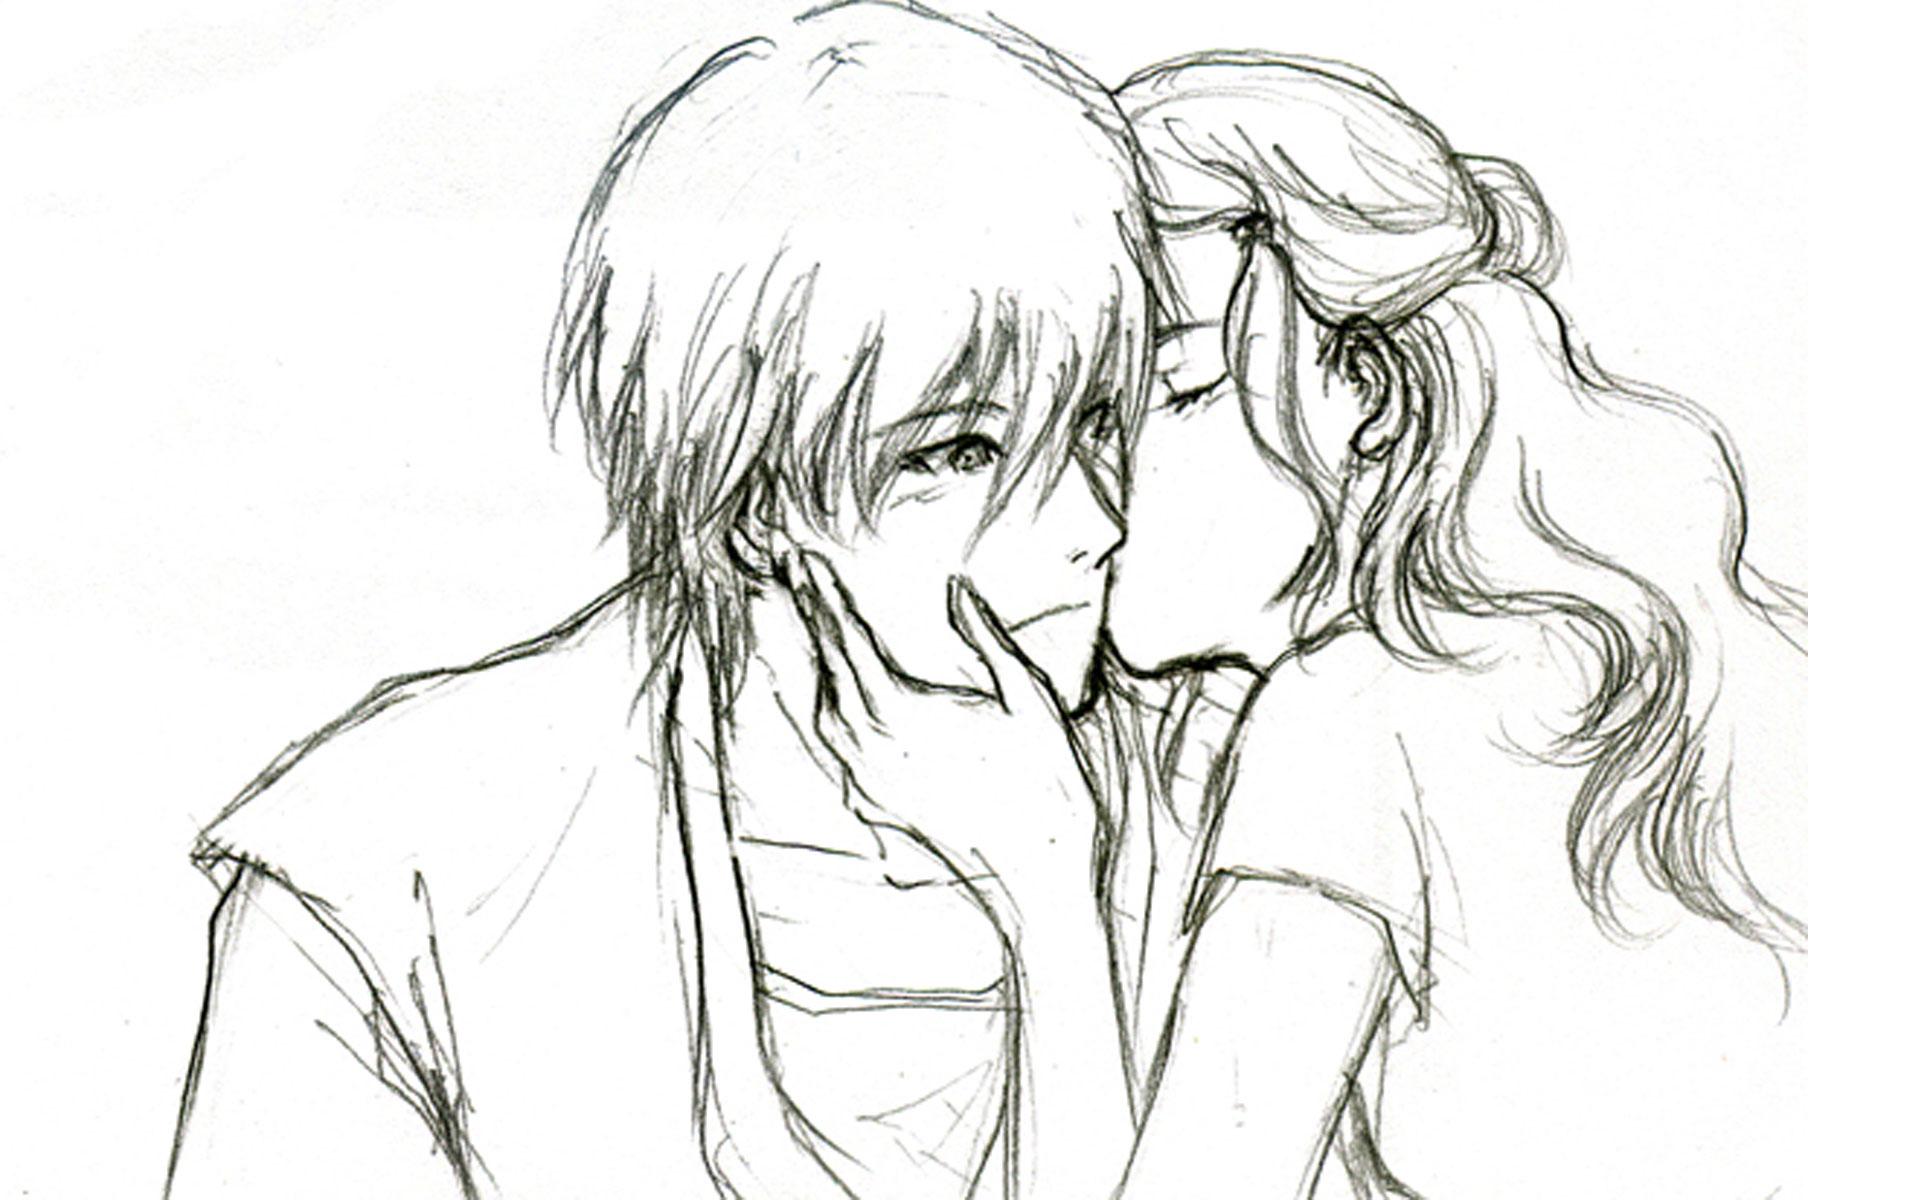 1920x1200 Hug Simple Pencil Sketch